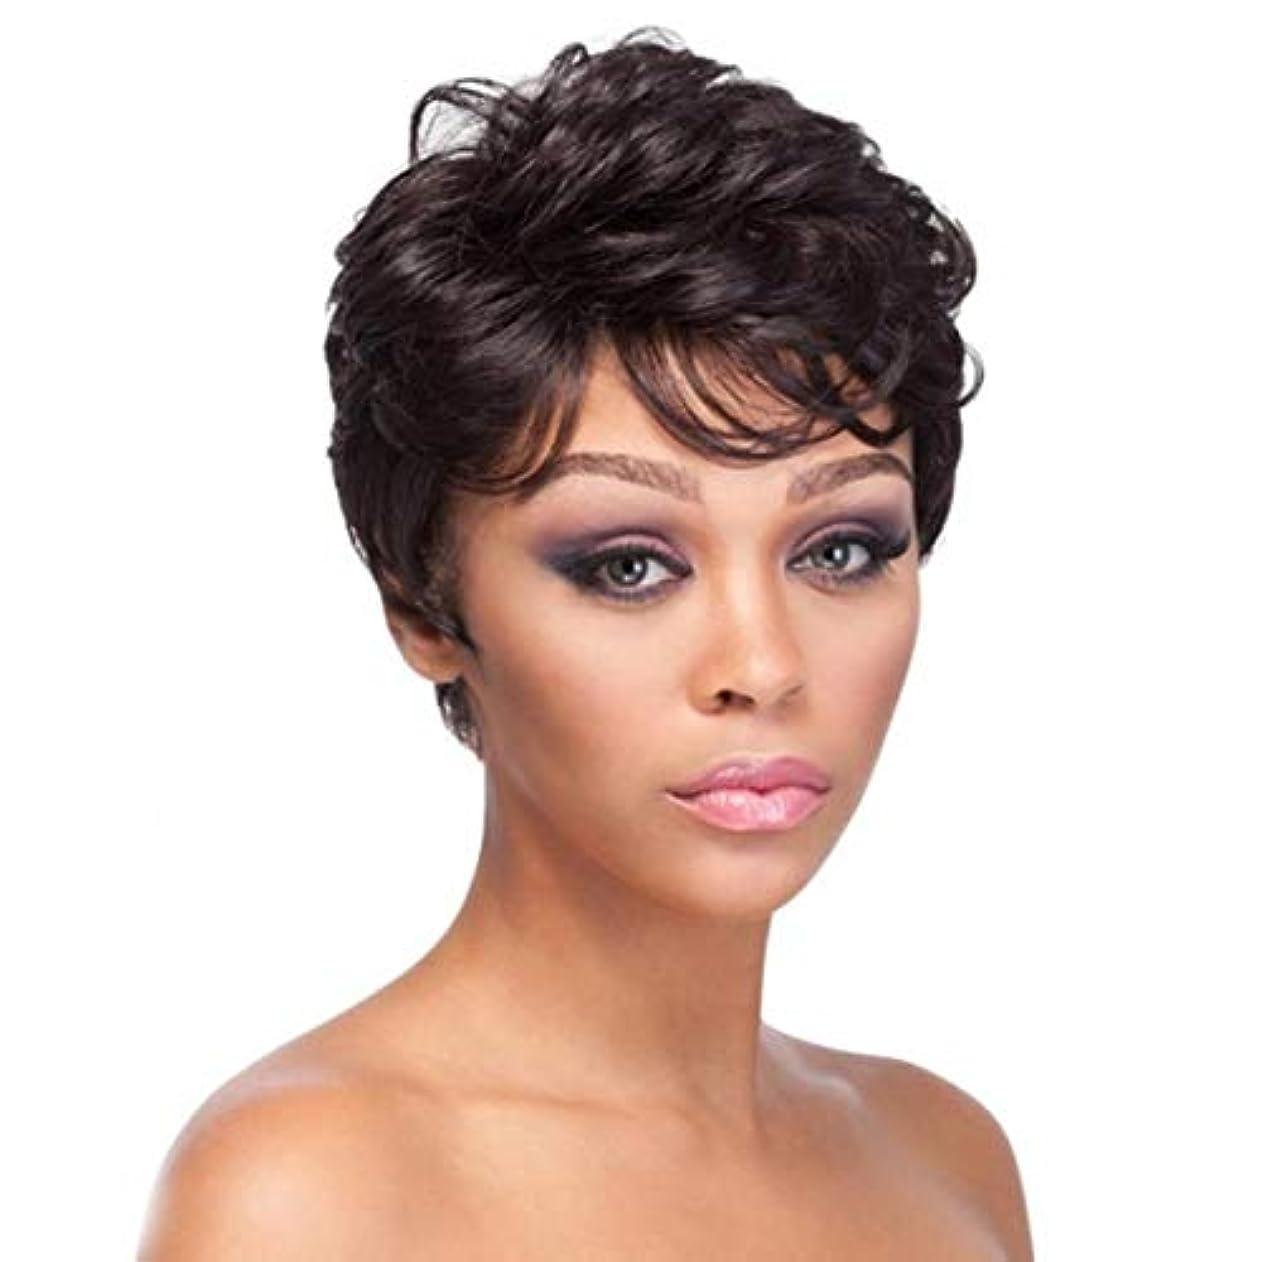 消費者マオリ一緒Kerwinner 女性のための短い巻き毛のかつら前髪合成繊維のかつらでかつらかつら